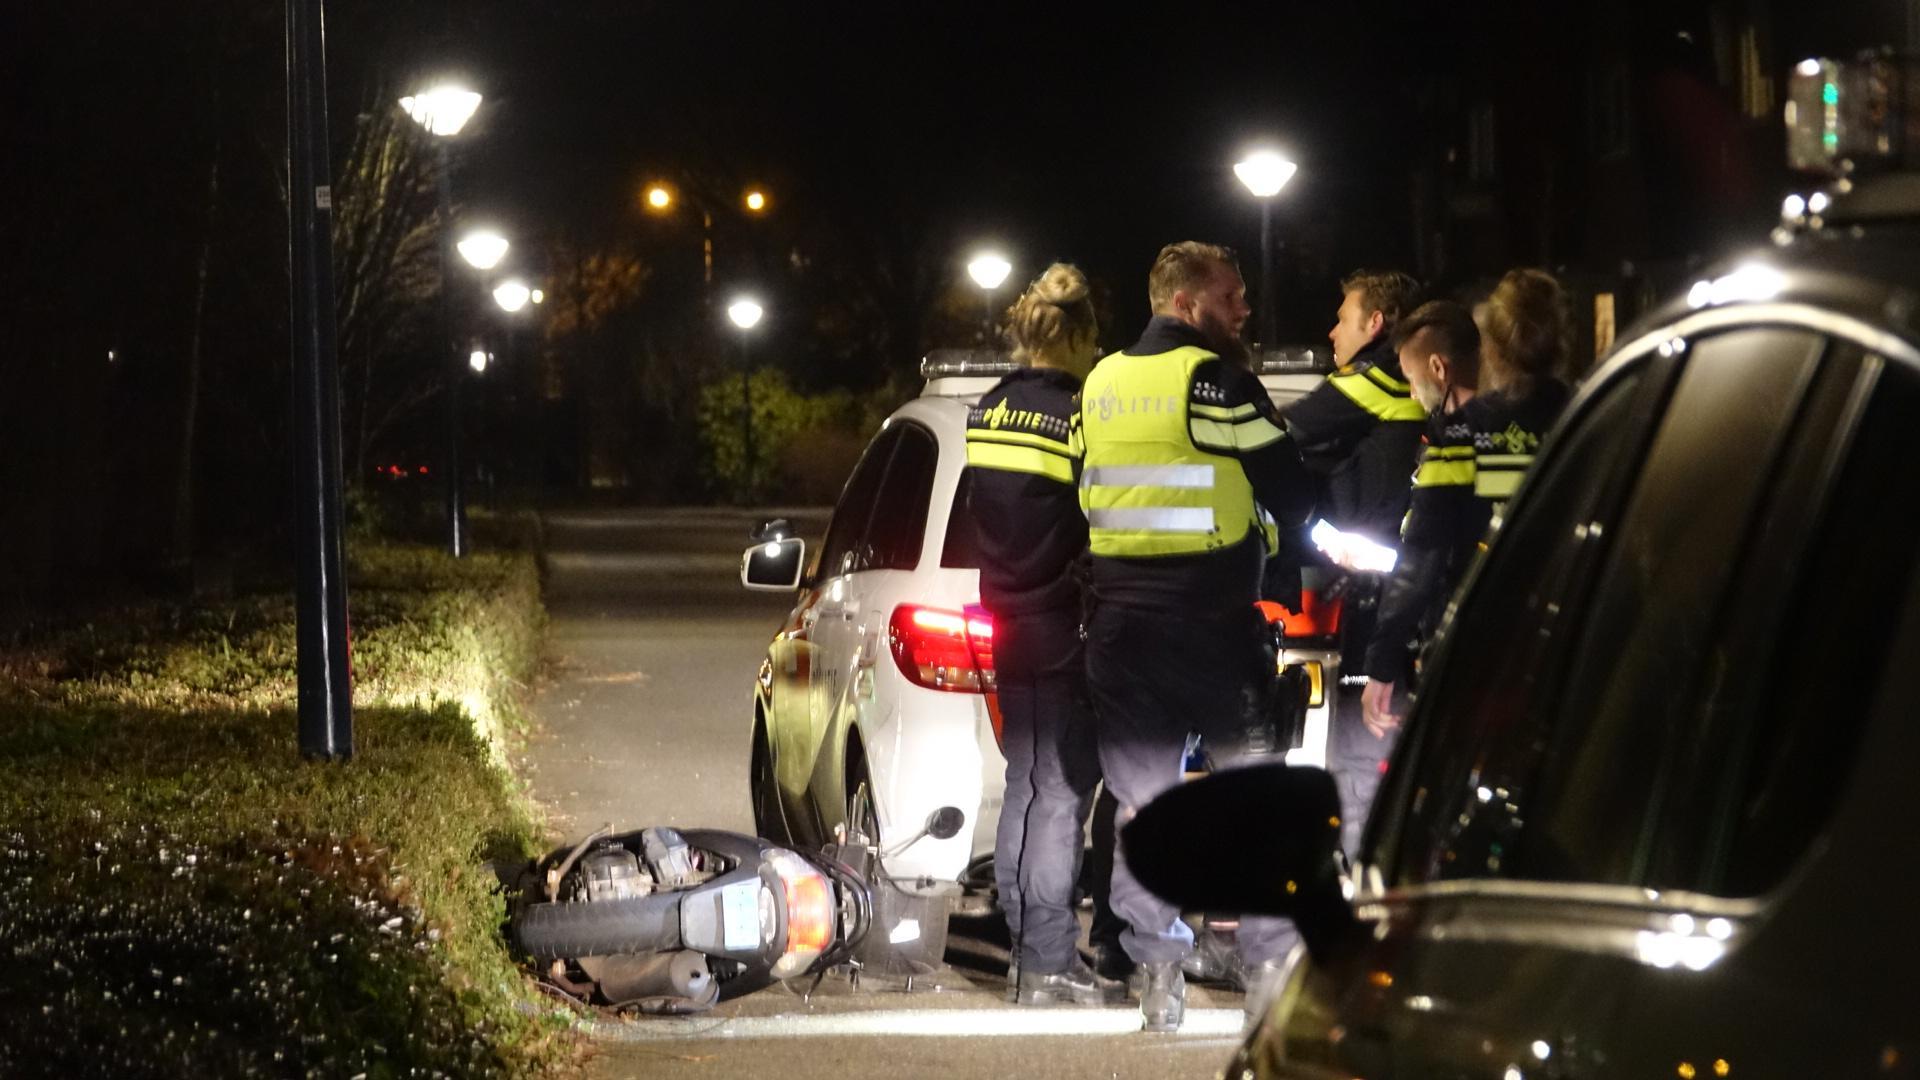 Scooterrijder klemgereden door politie na lange achtervolging in Hoorn